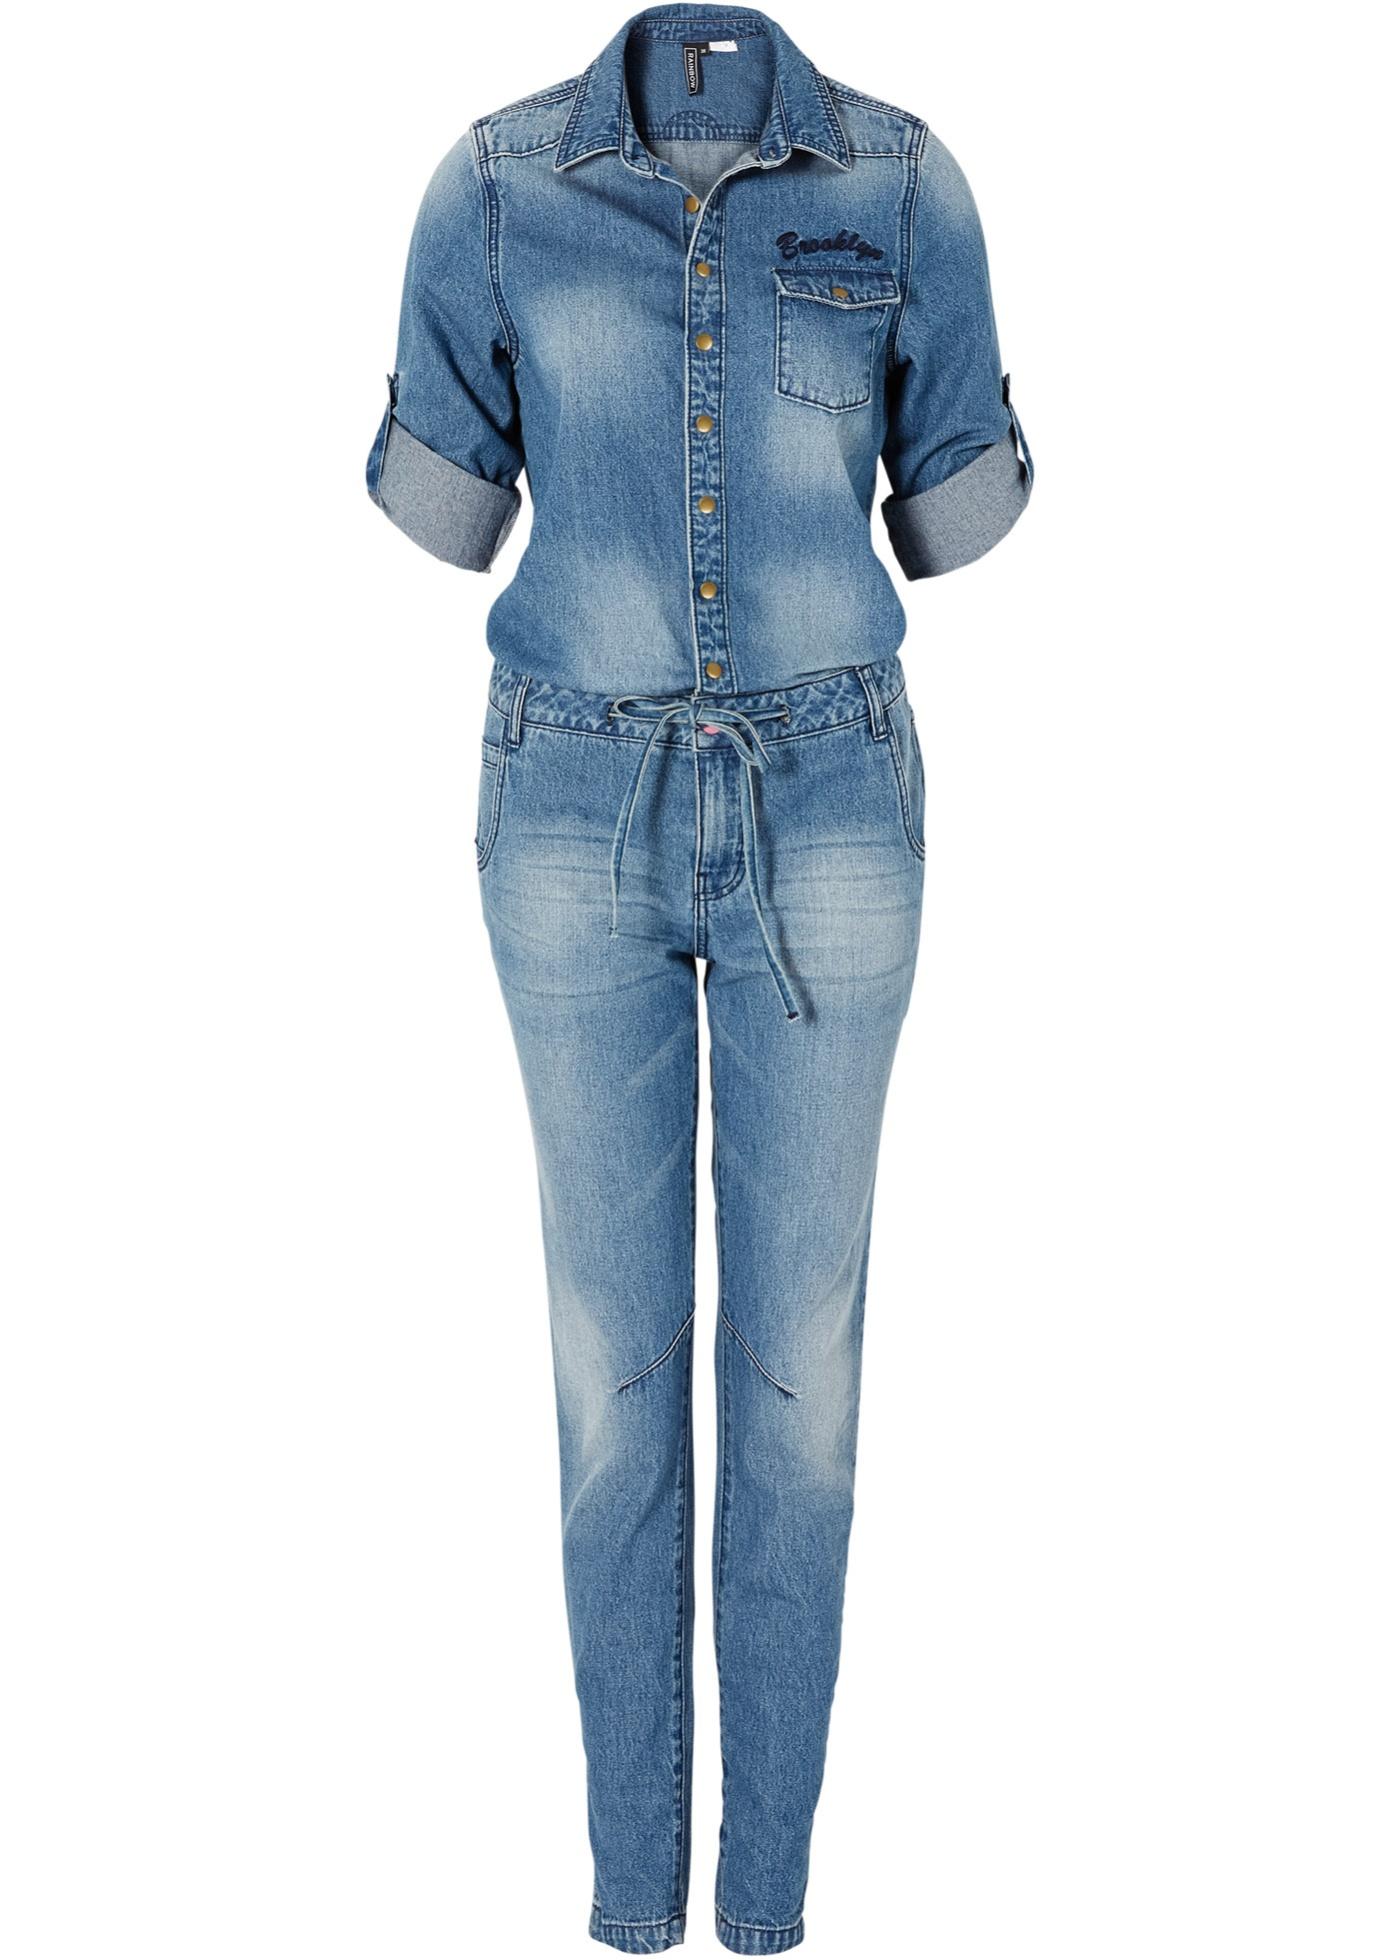 jeans overall damen preisvergleiche erfahrungsberichte und kauf bei nextag. Black Bedroom Furniture Sets. Home Design Ideas